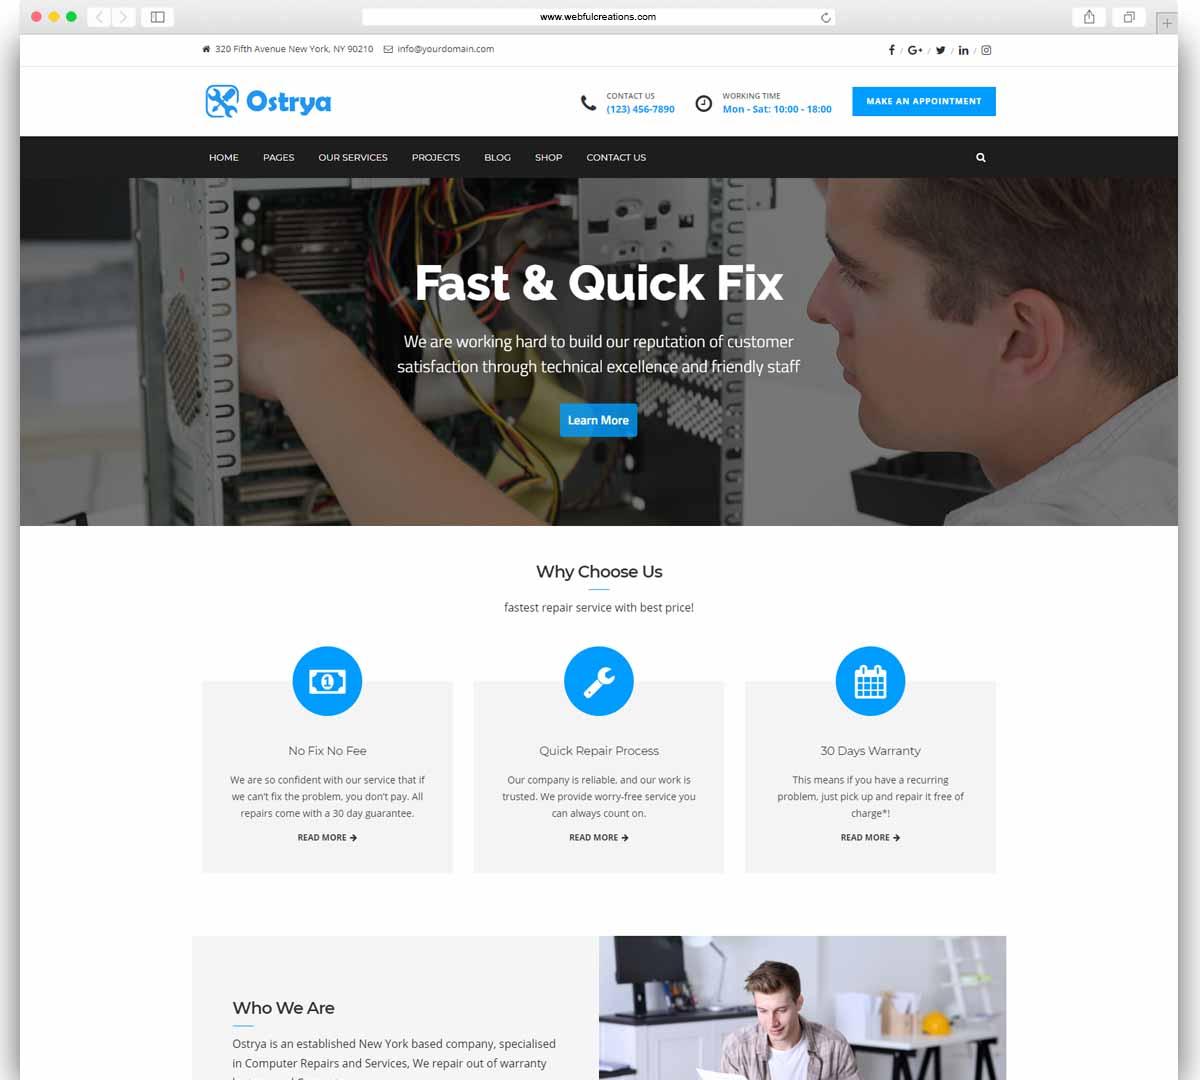 Ostrya - Computer Repair & Mobile Phone Repair Service WordPress Theme